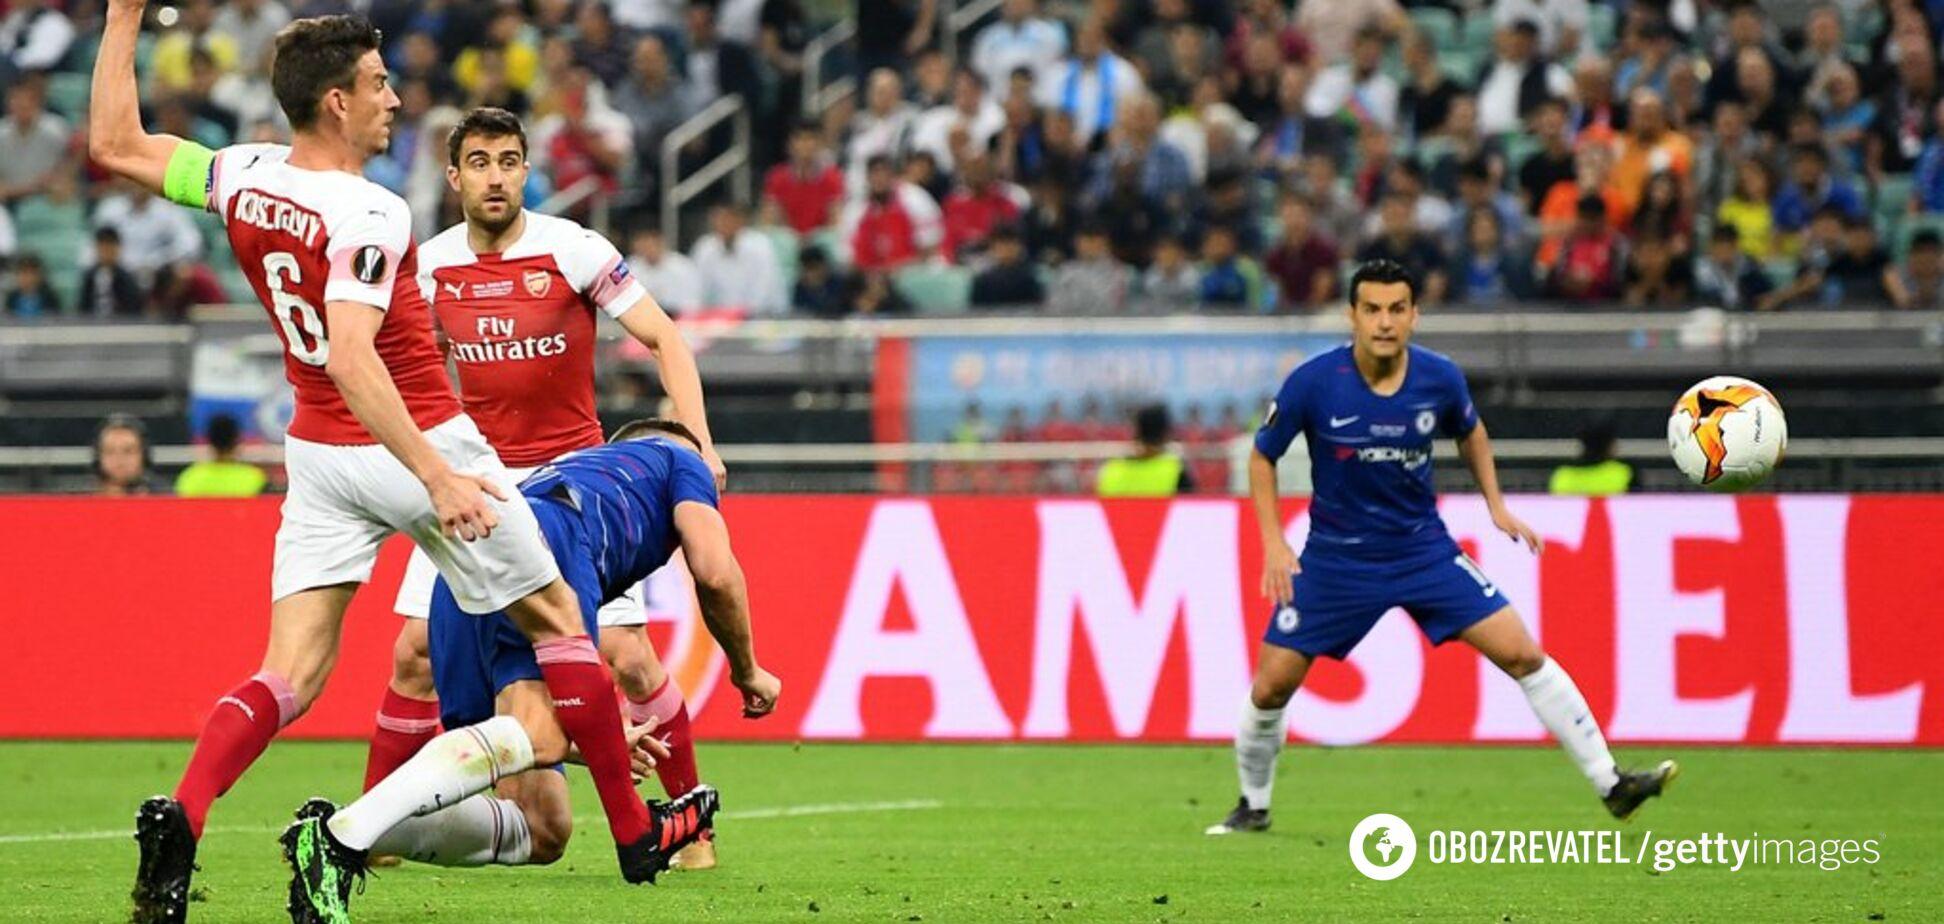 4 гола за 22 минуты: 'Челси' уничтожил 'Арсенал' в финале Лиги Европы